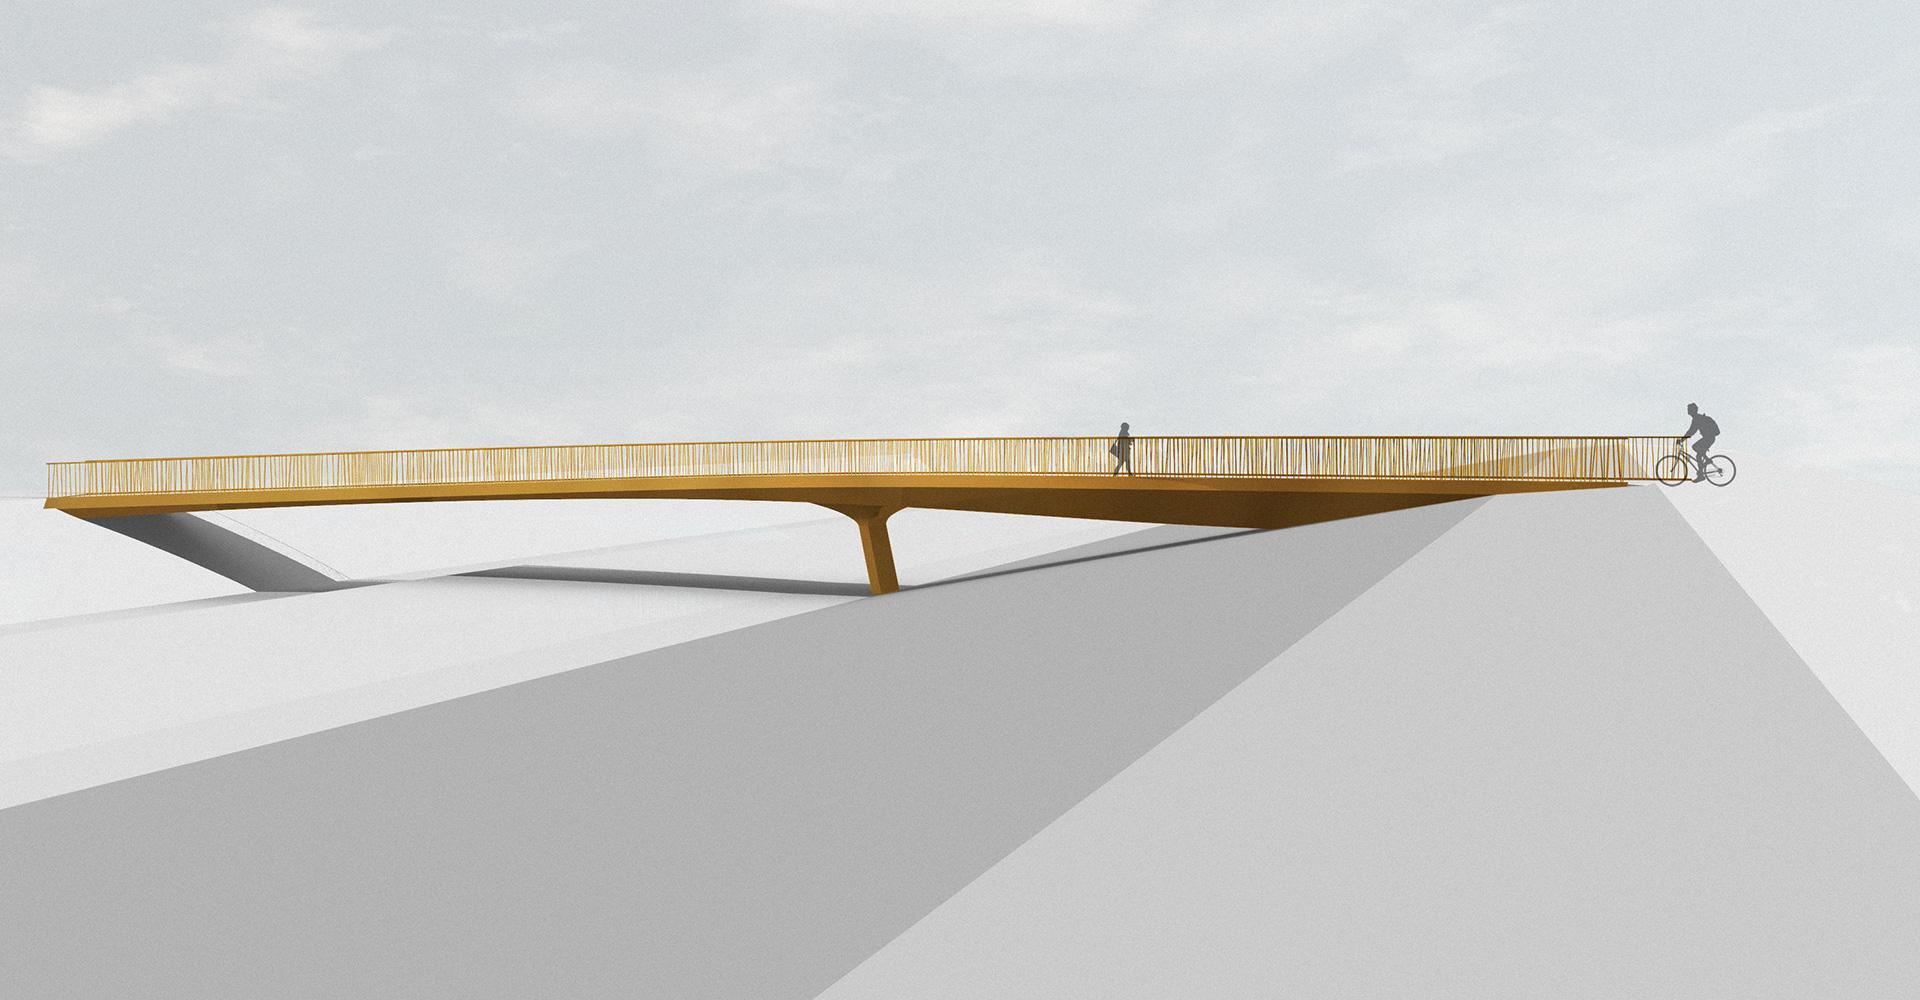 Brücke Planten un Blomen, Hamburg | Sauerzapfe Architekten